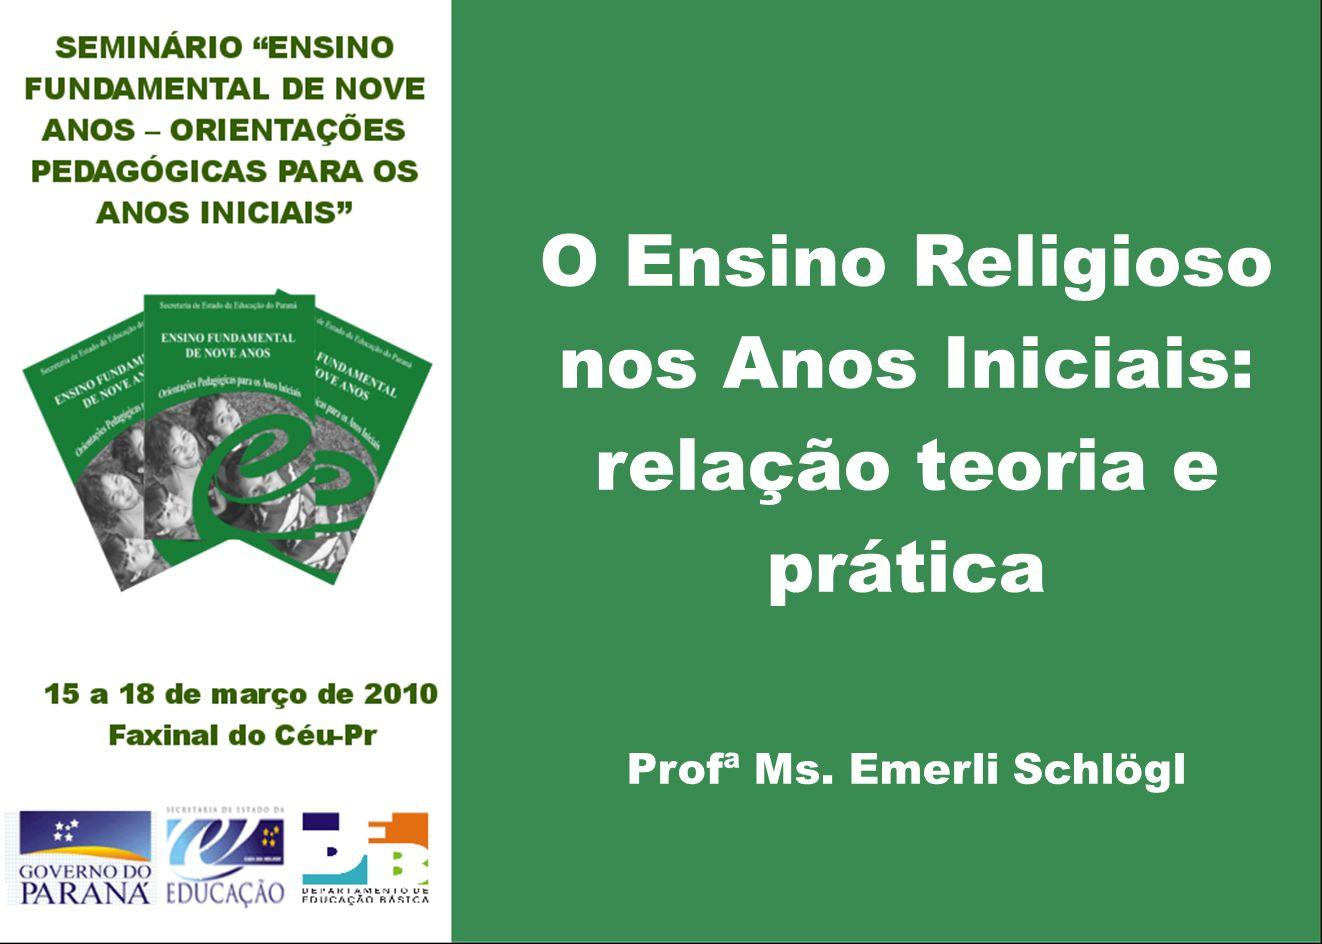 O Ensino Religioso nos Anos Iniciais: relação teoria e prática